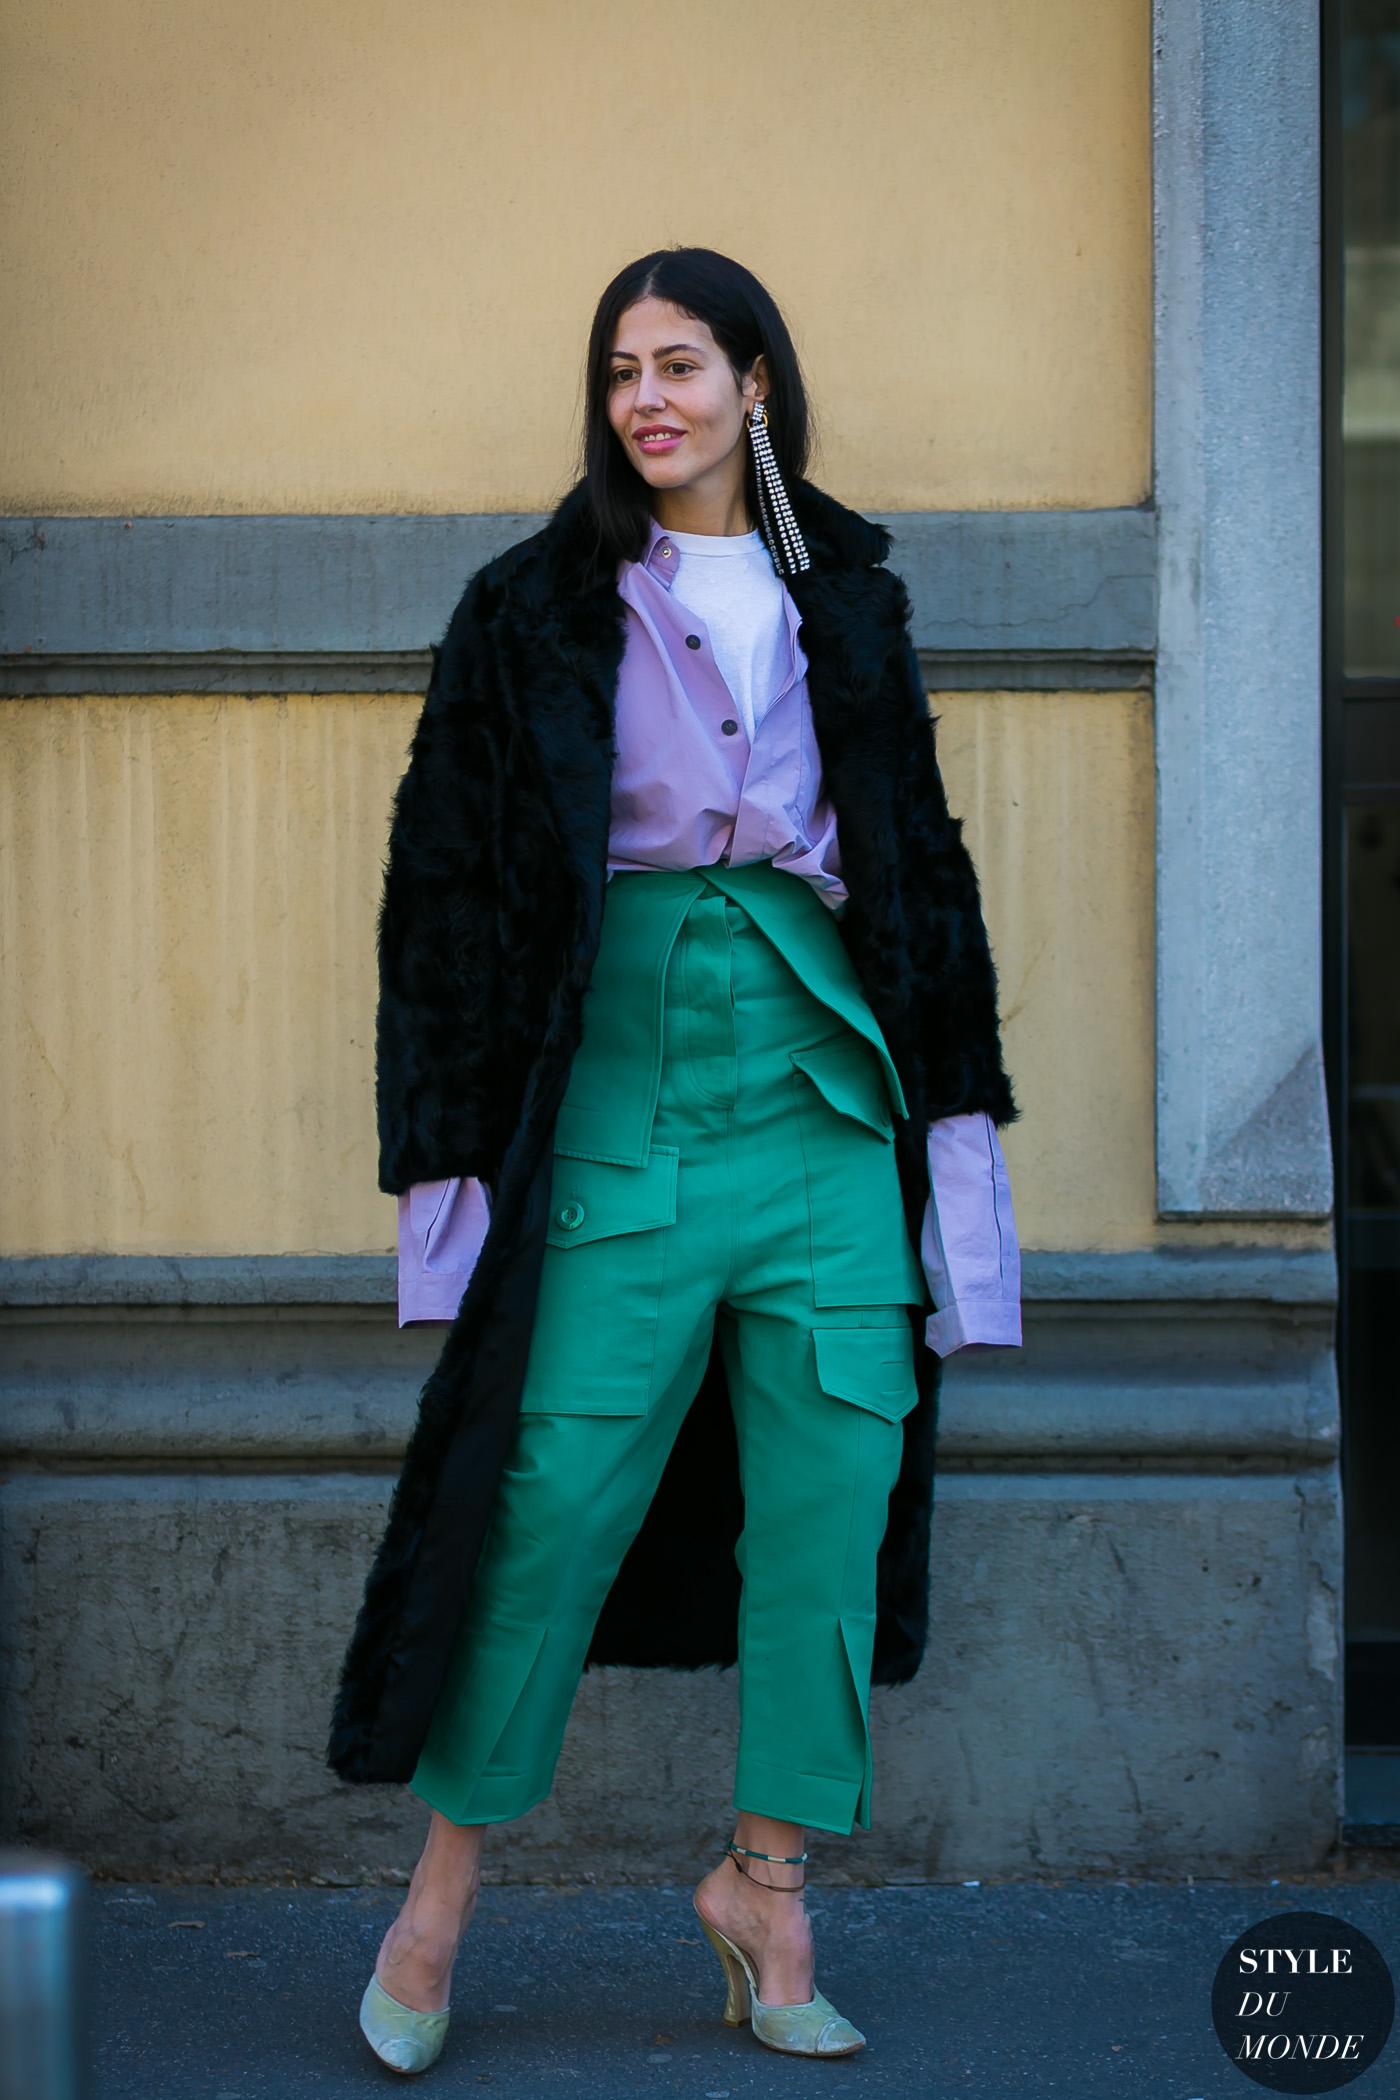 áo sơ mi màu tím và quần cạp cao màu xanh lá